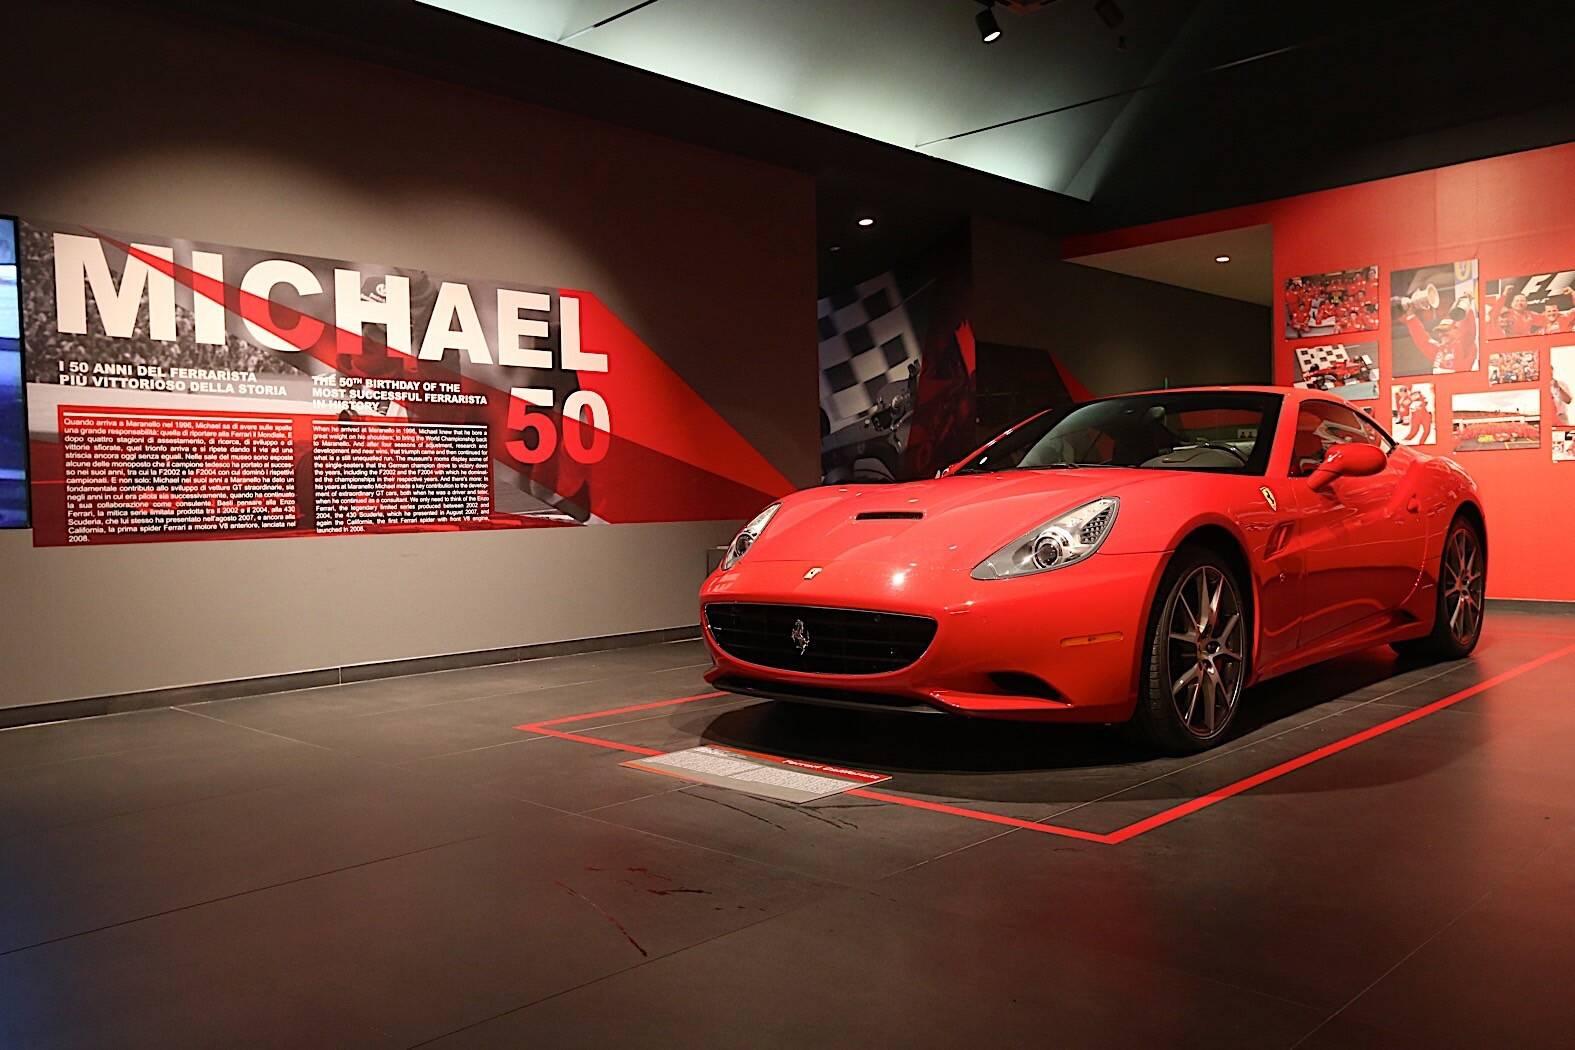 50 anos de Michael Schumacher. Foto: Divulgação